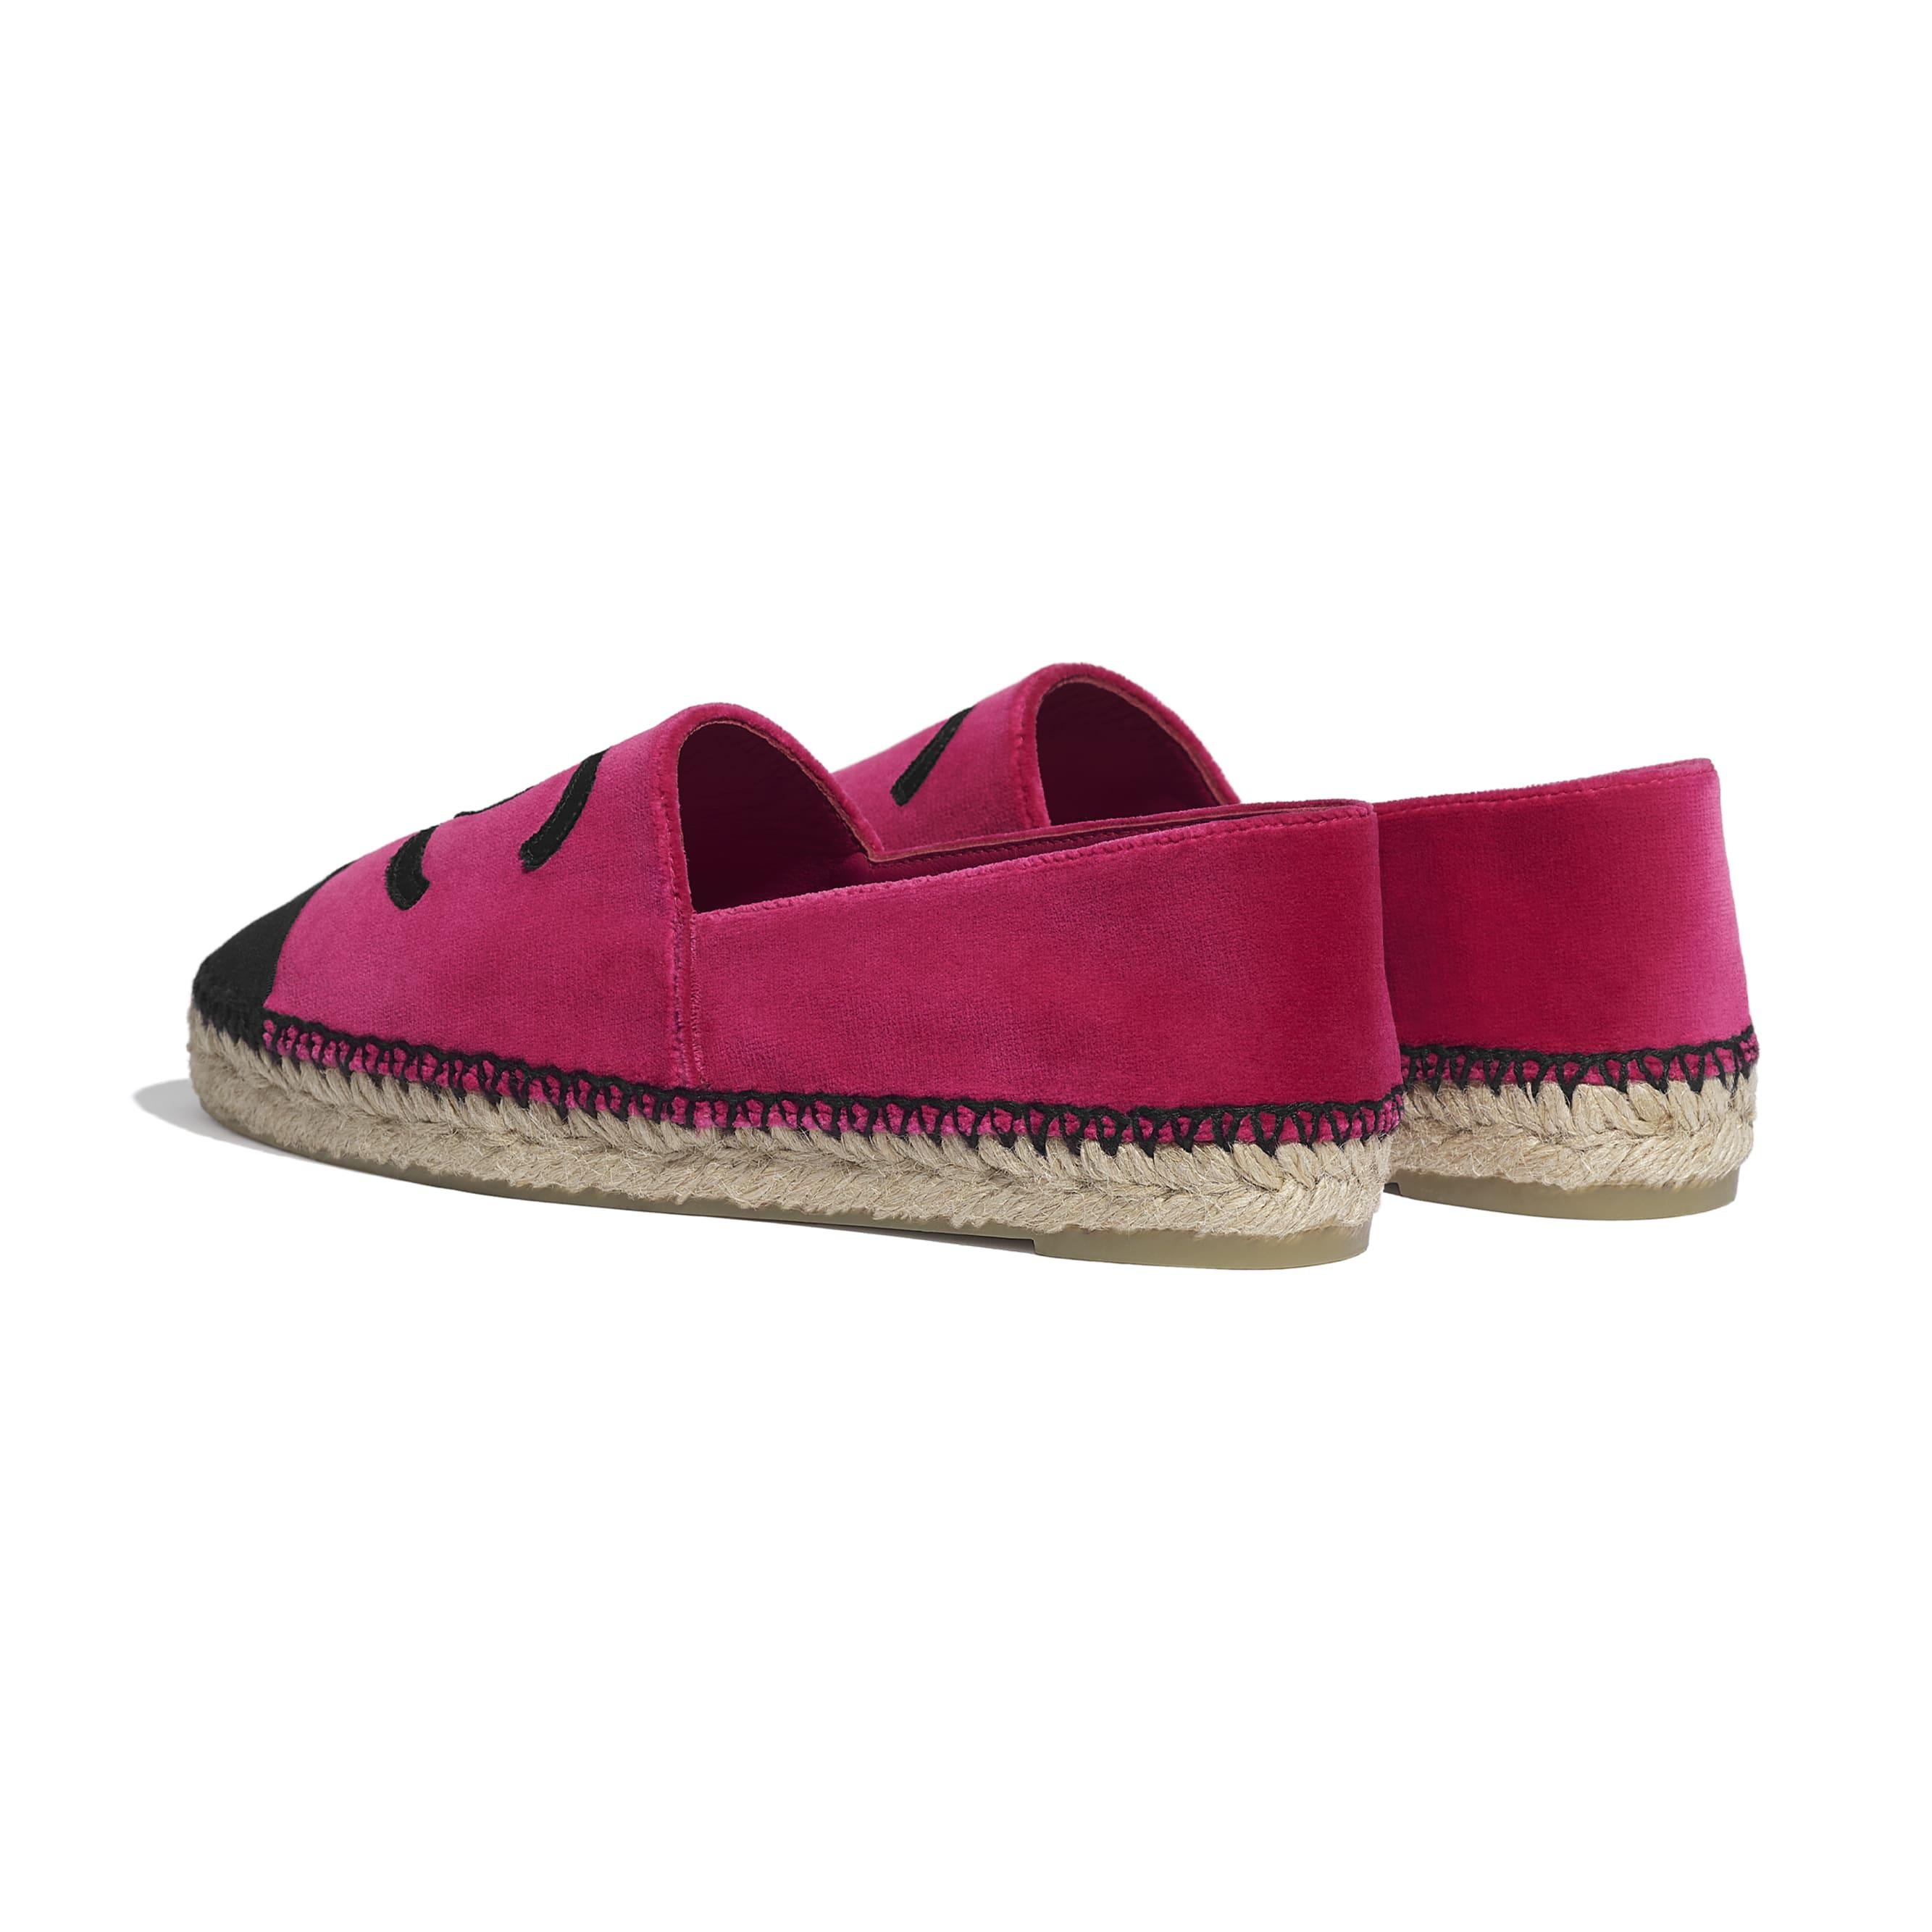 รองเท้าเอสพาดริลล์ - สีชมพูและสีดำ - CHANEL - มุมมองอื่น - ดูเวอร์ชันขนาดมาตรฐาน